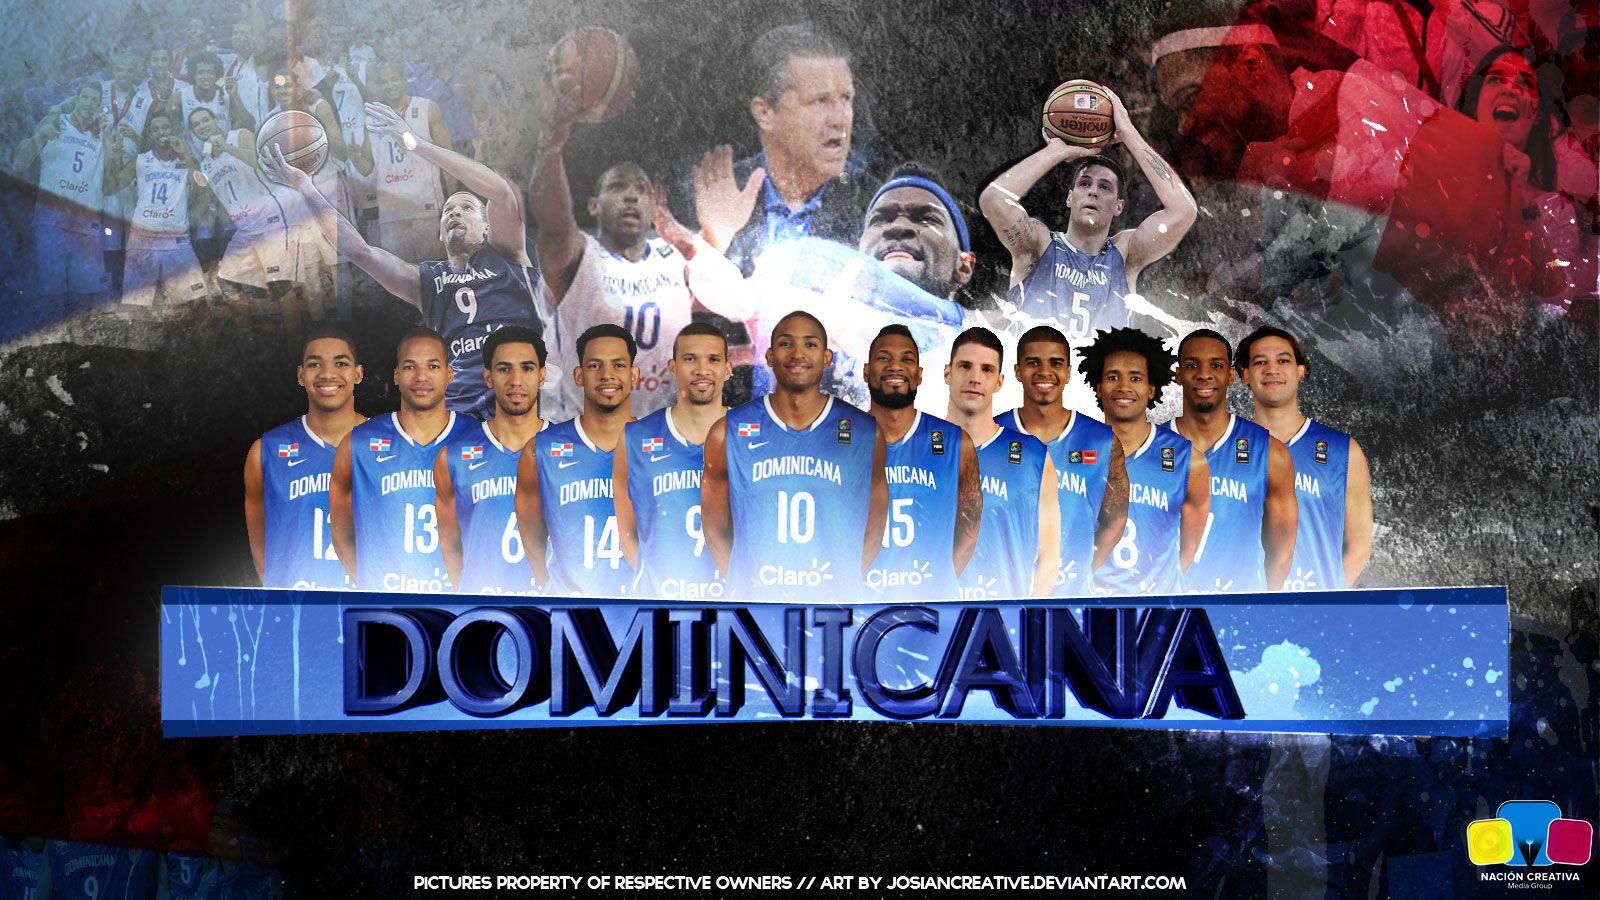 Con Algunas Conversaciones Sobre El Beisbol Dominicano Mucha Gente No Tiene Idea De Que Republica Dominic Dominican Republic Team Photos Basketball Scoreboard